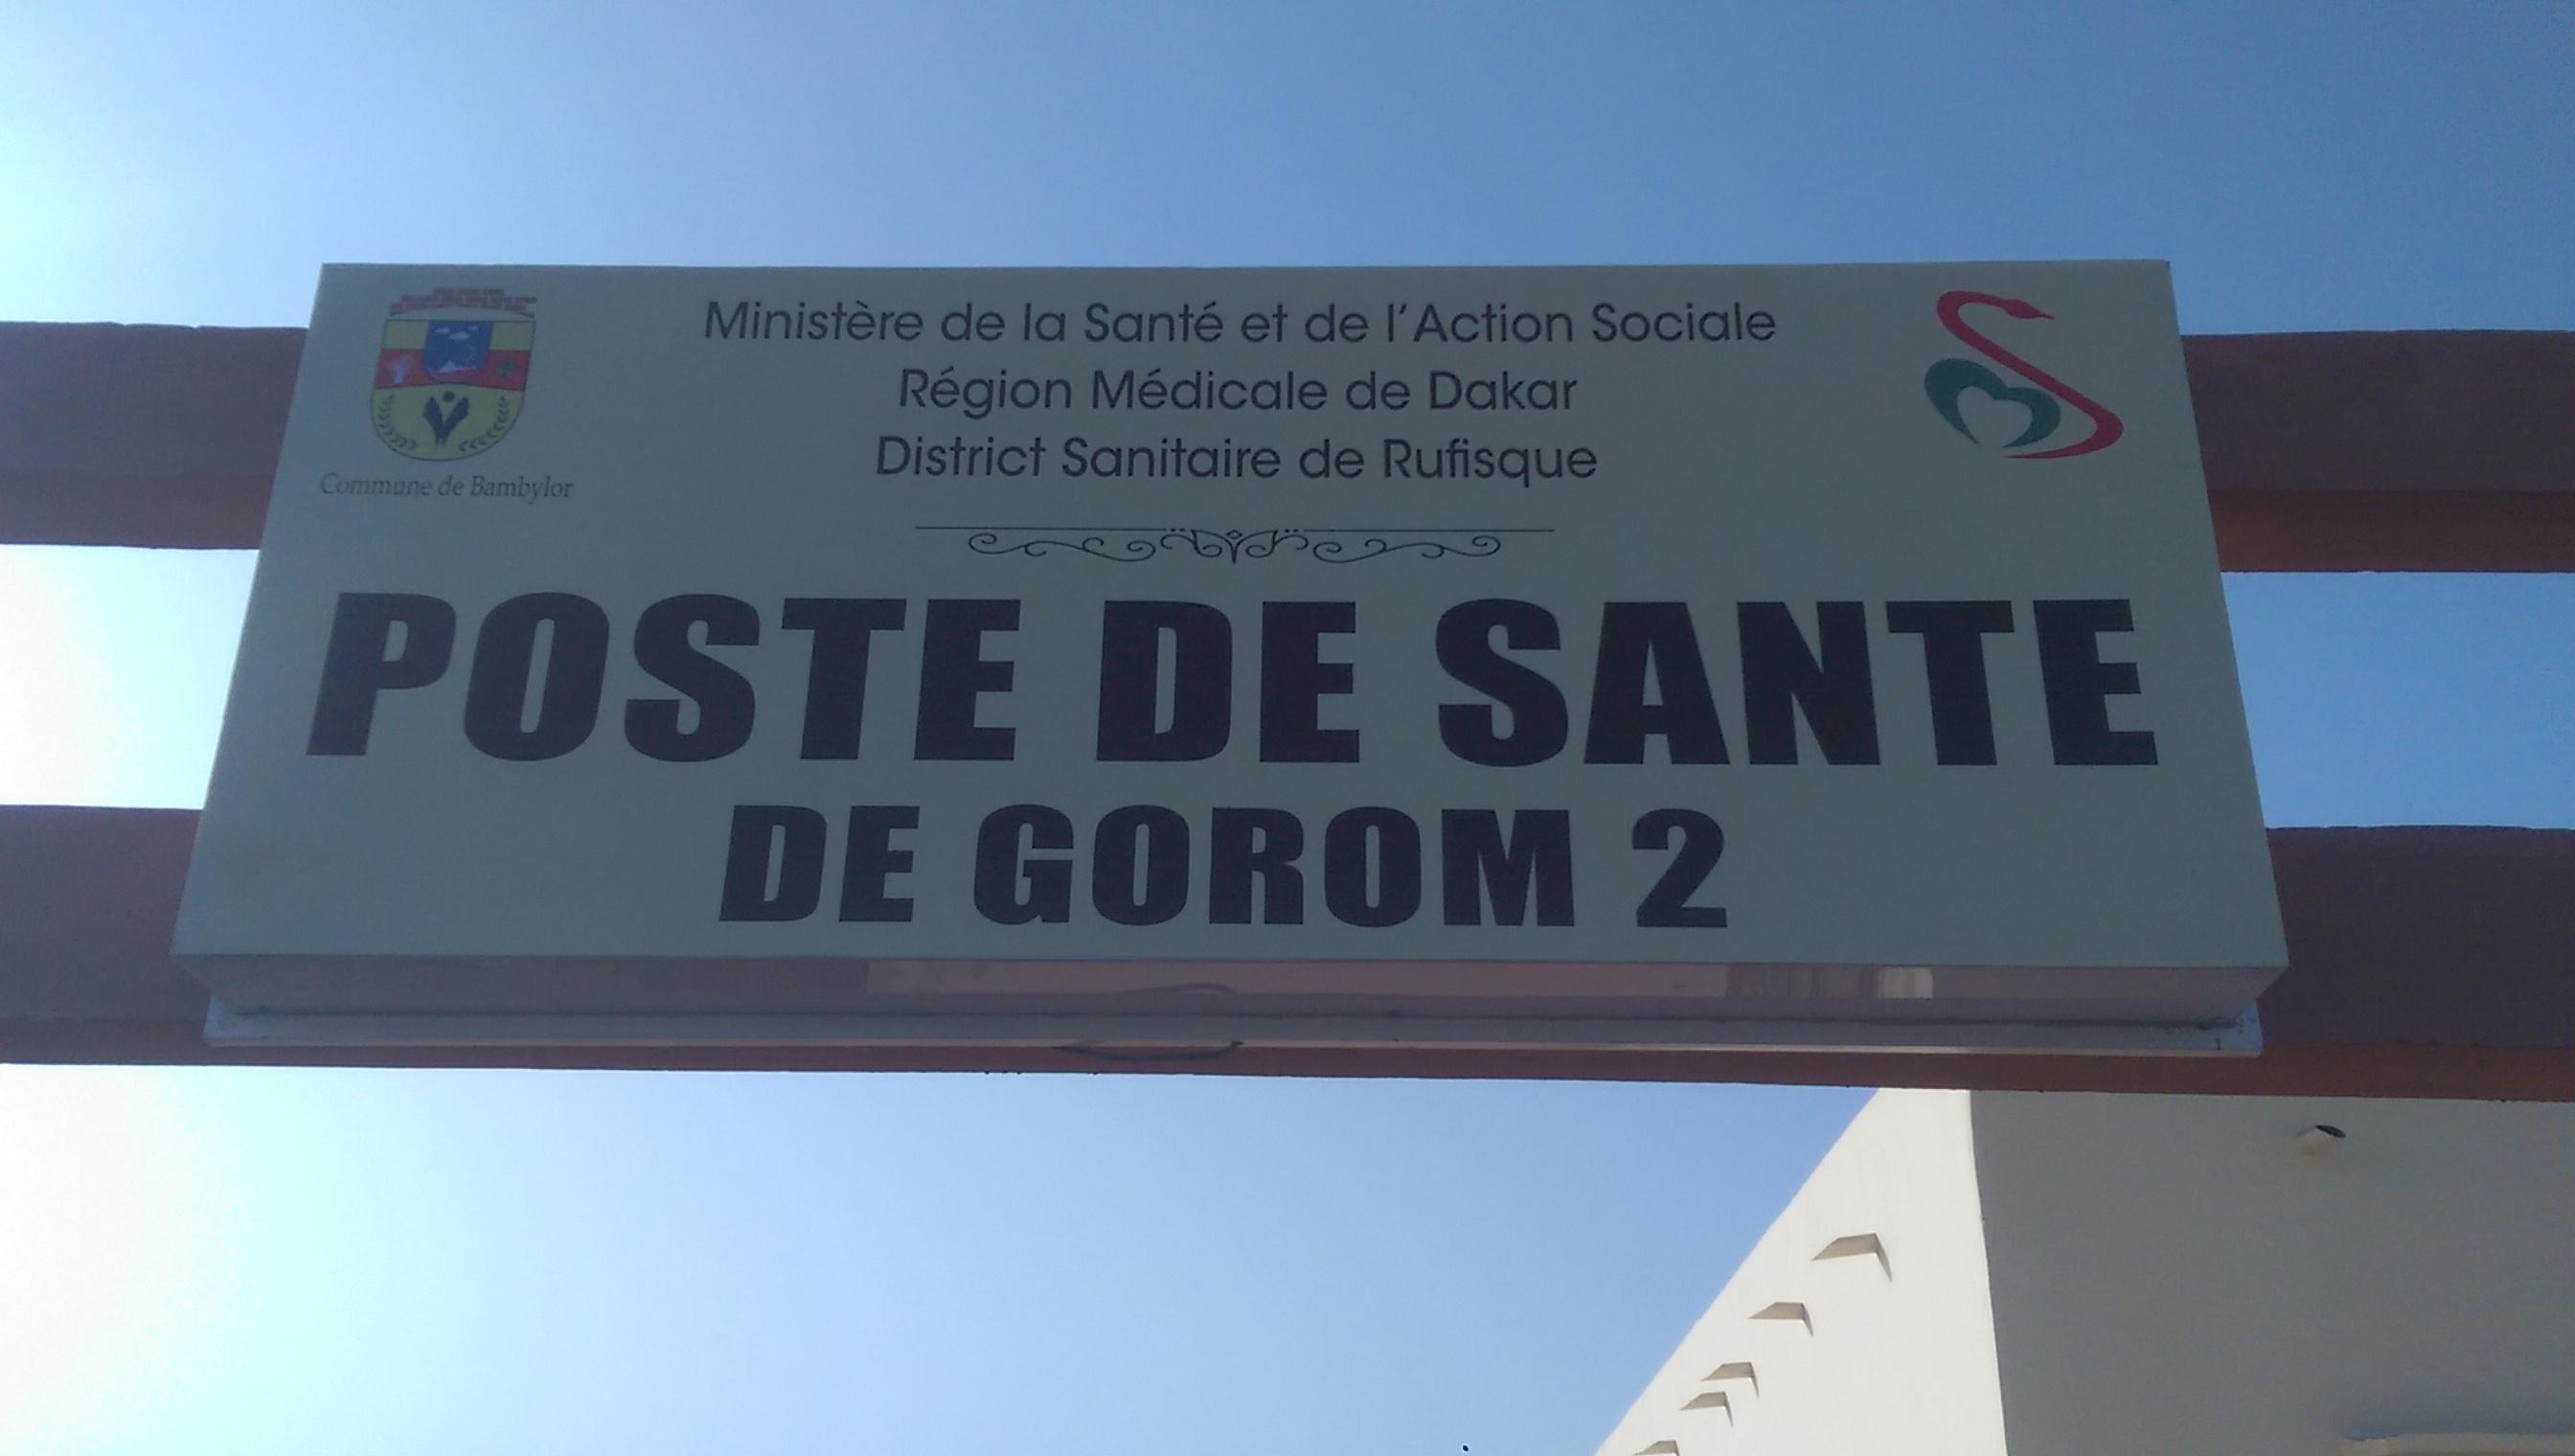 Inauguration du poste de santé de Gorom 2 : La souffrance des populations soulagée